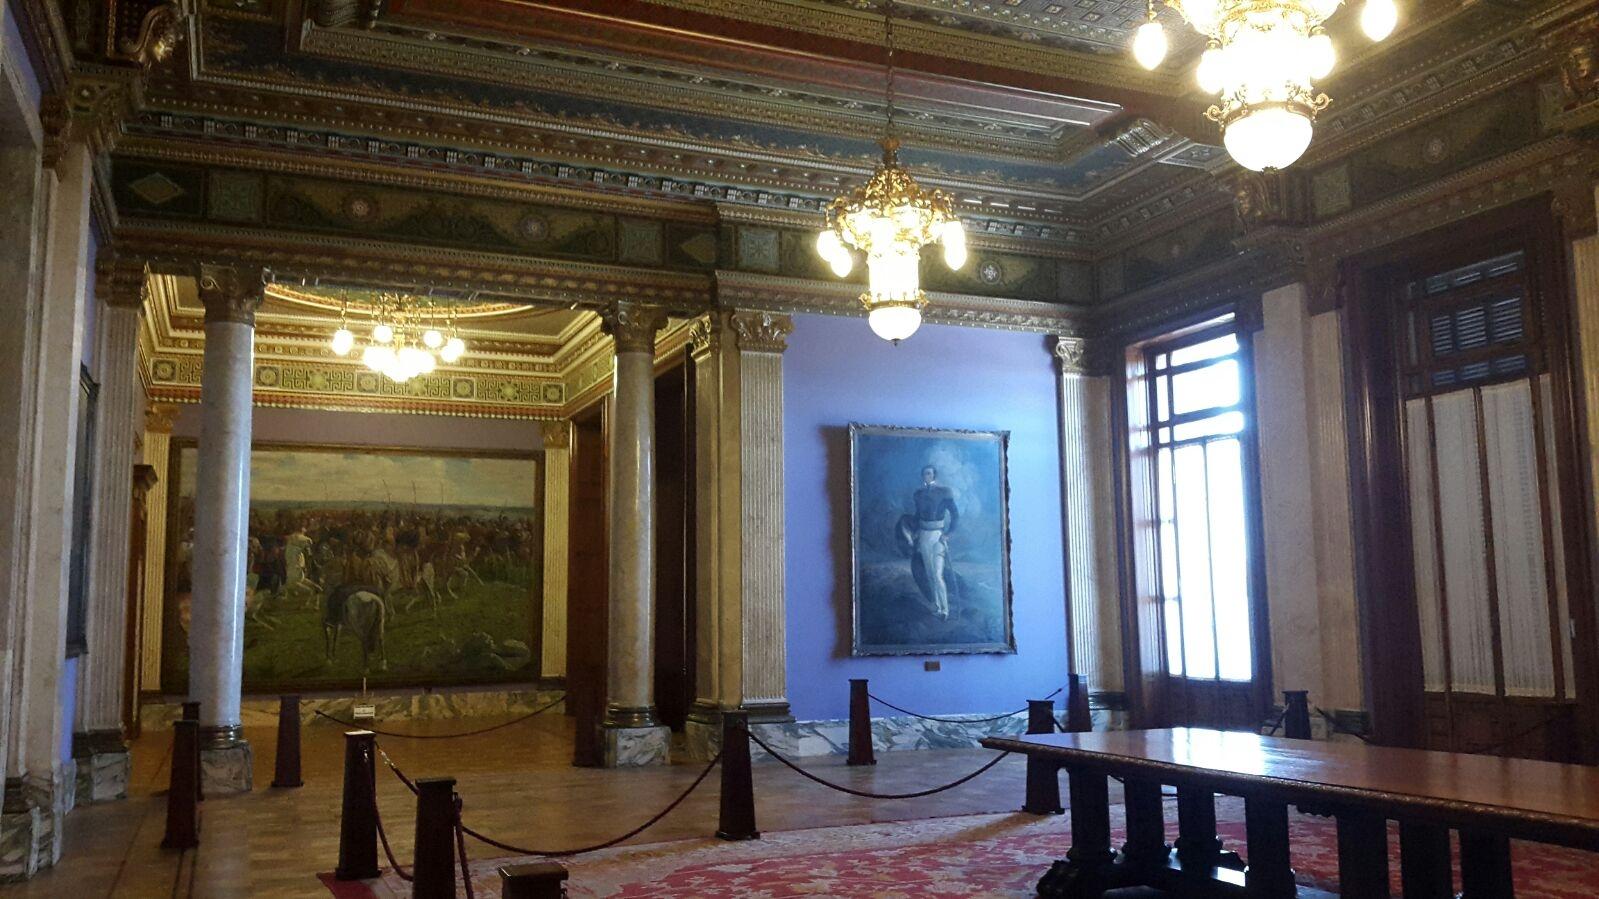 El renovado salón de fiestas del Palacio Legislativo